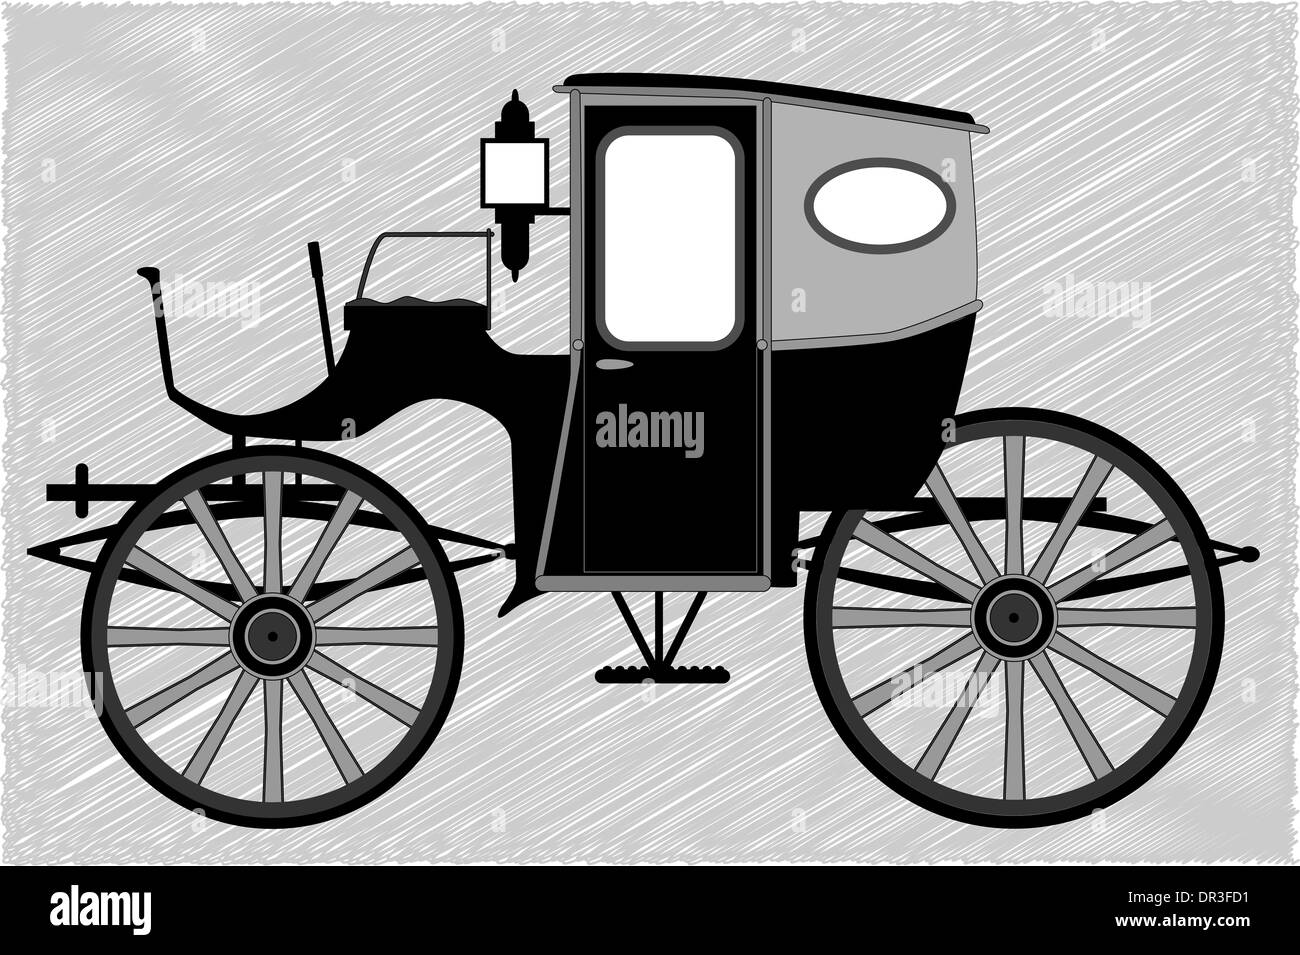 Un tipico vittoriano o stile Georgiano carrello britannico Immagini Stock